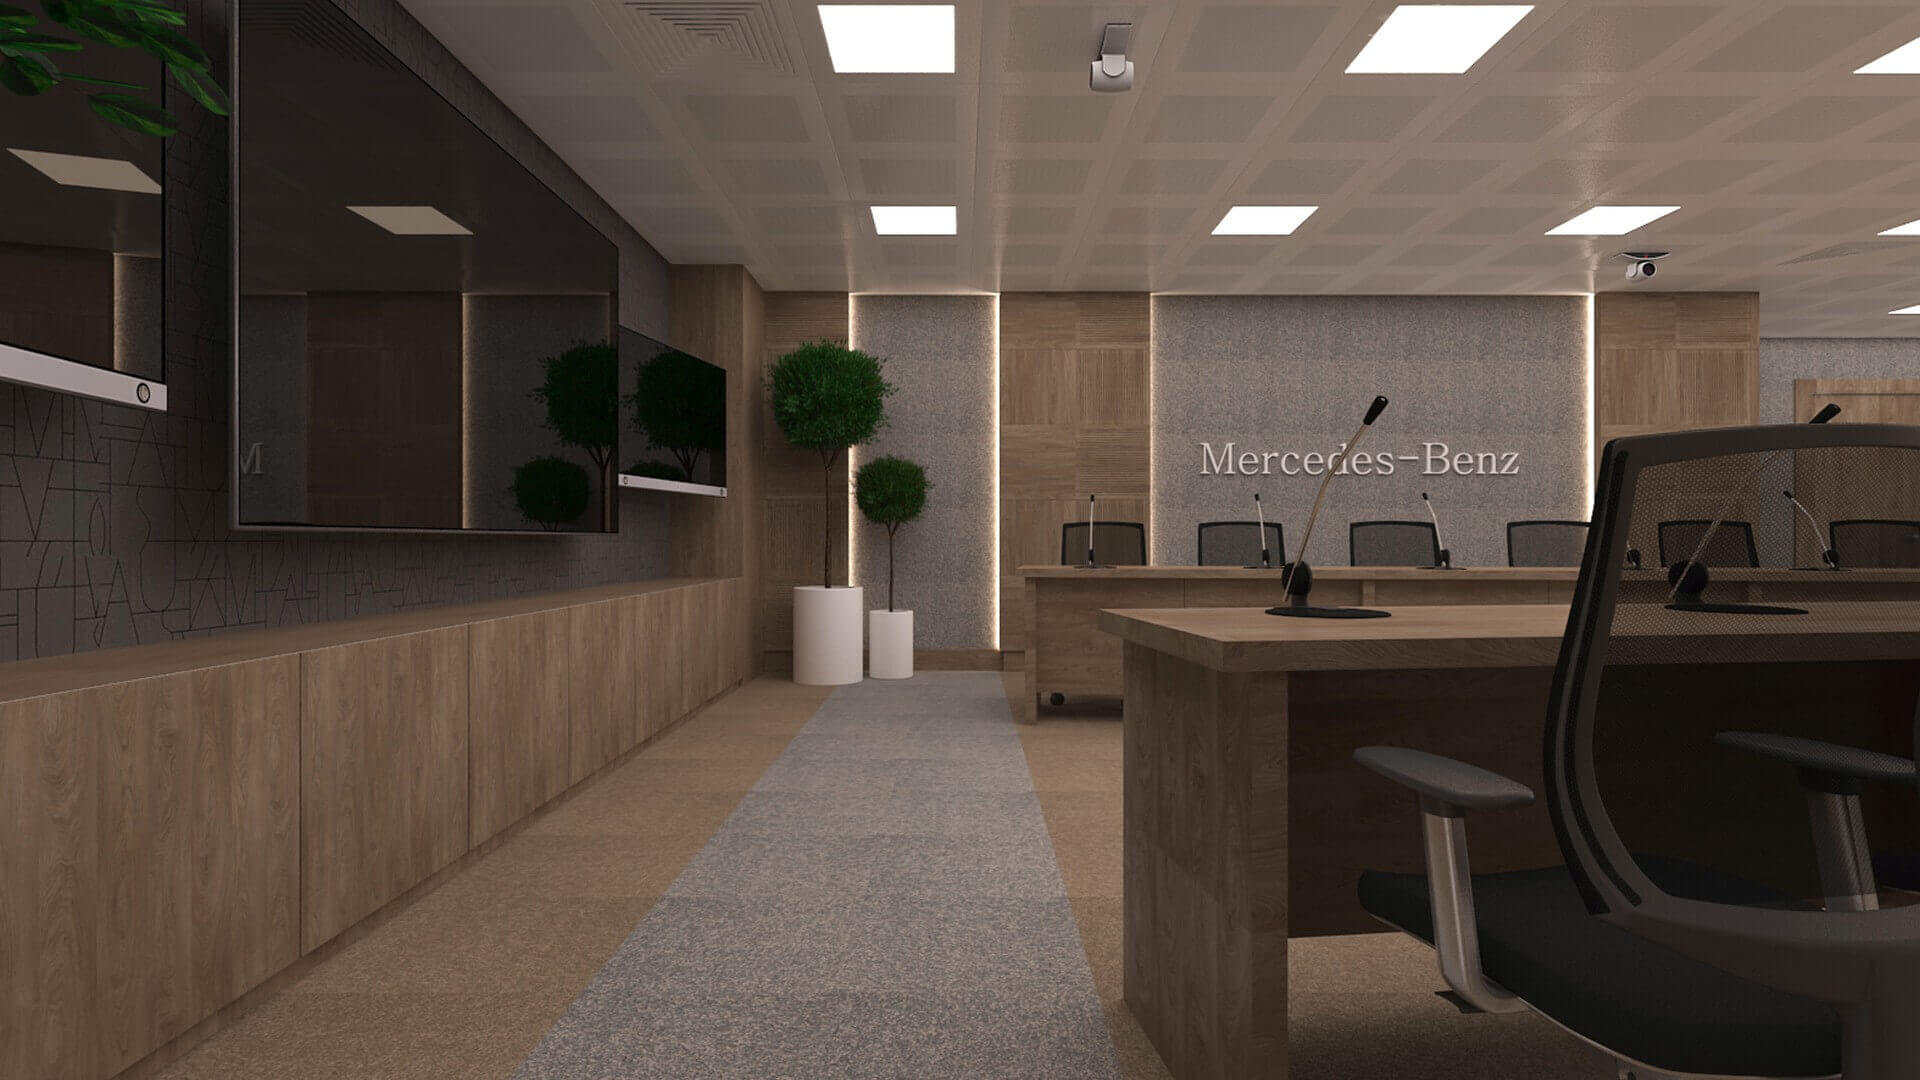 2614 Koluman Ankara Offices